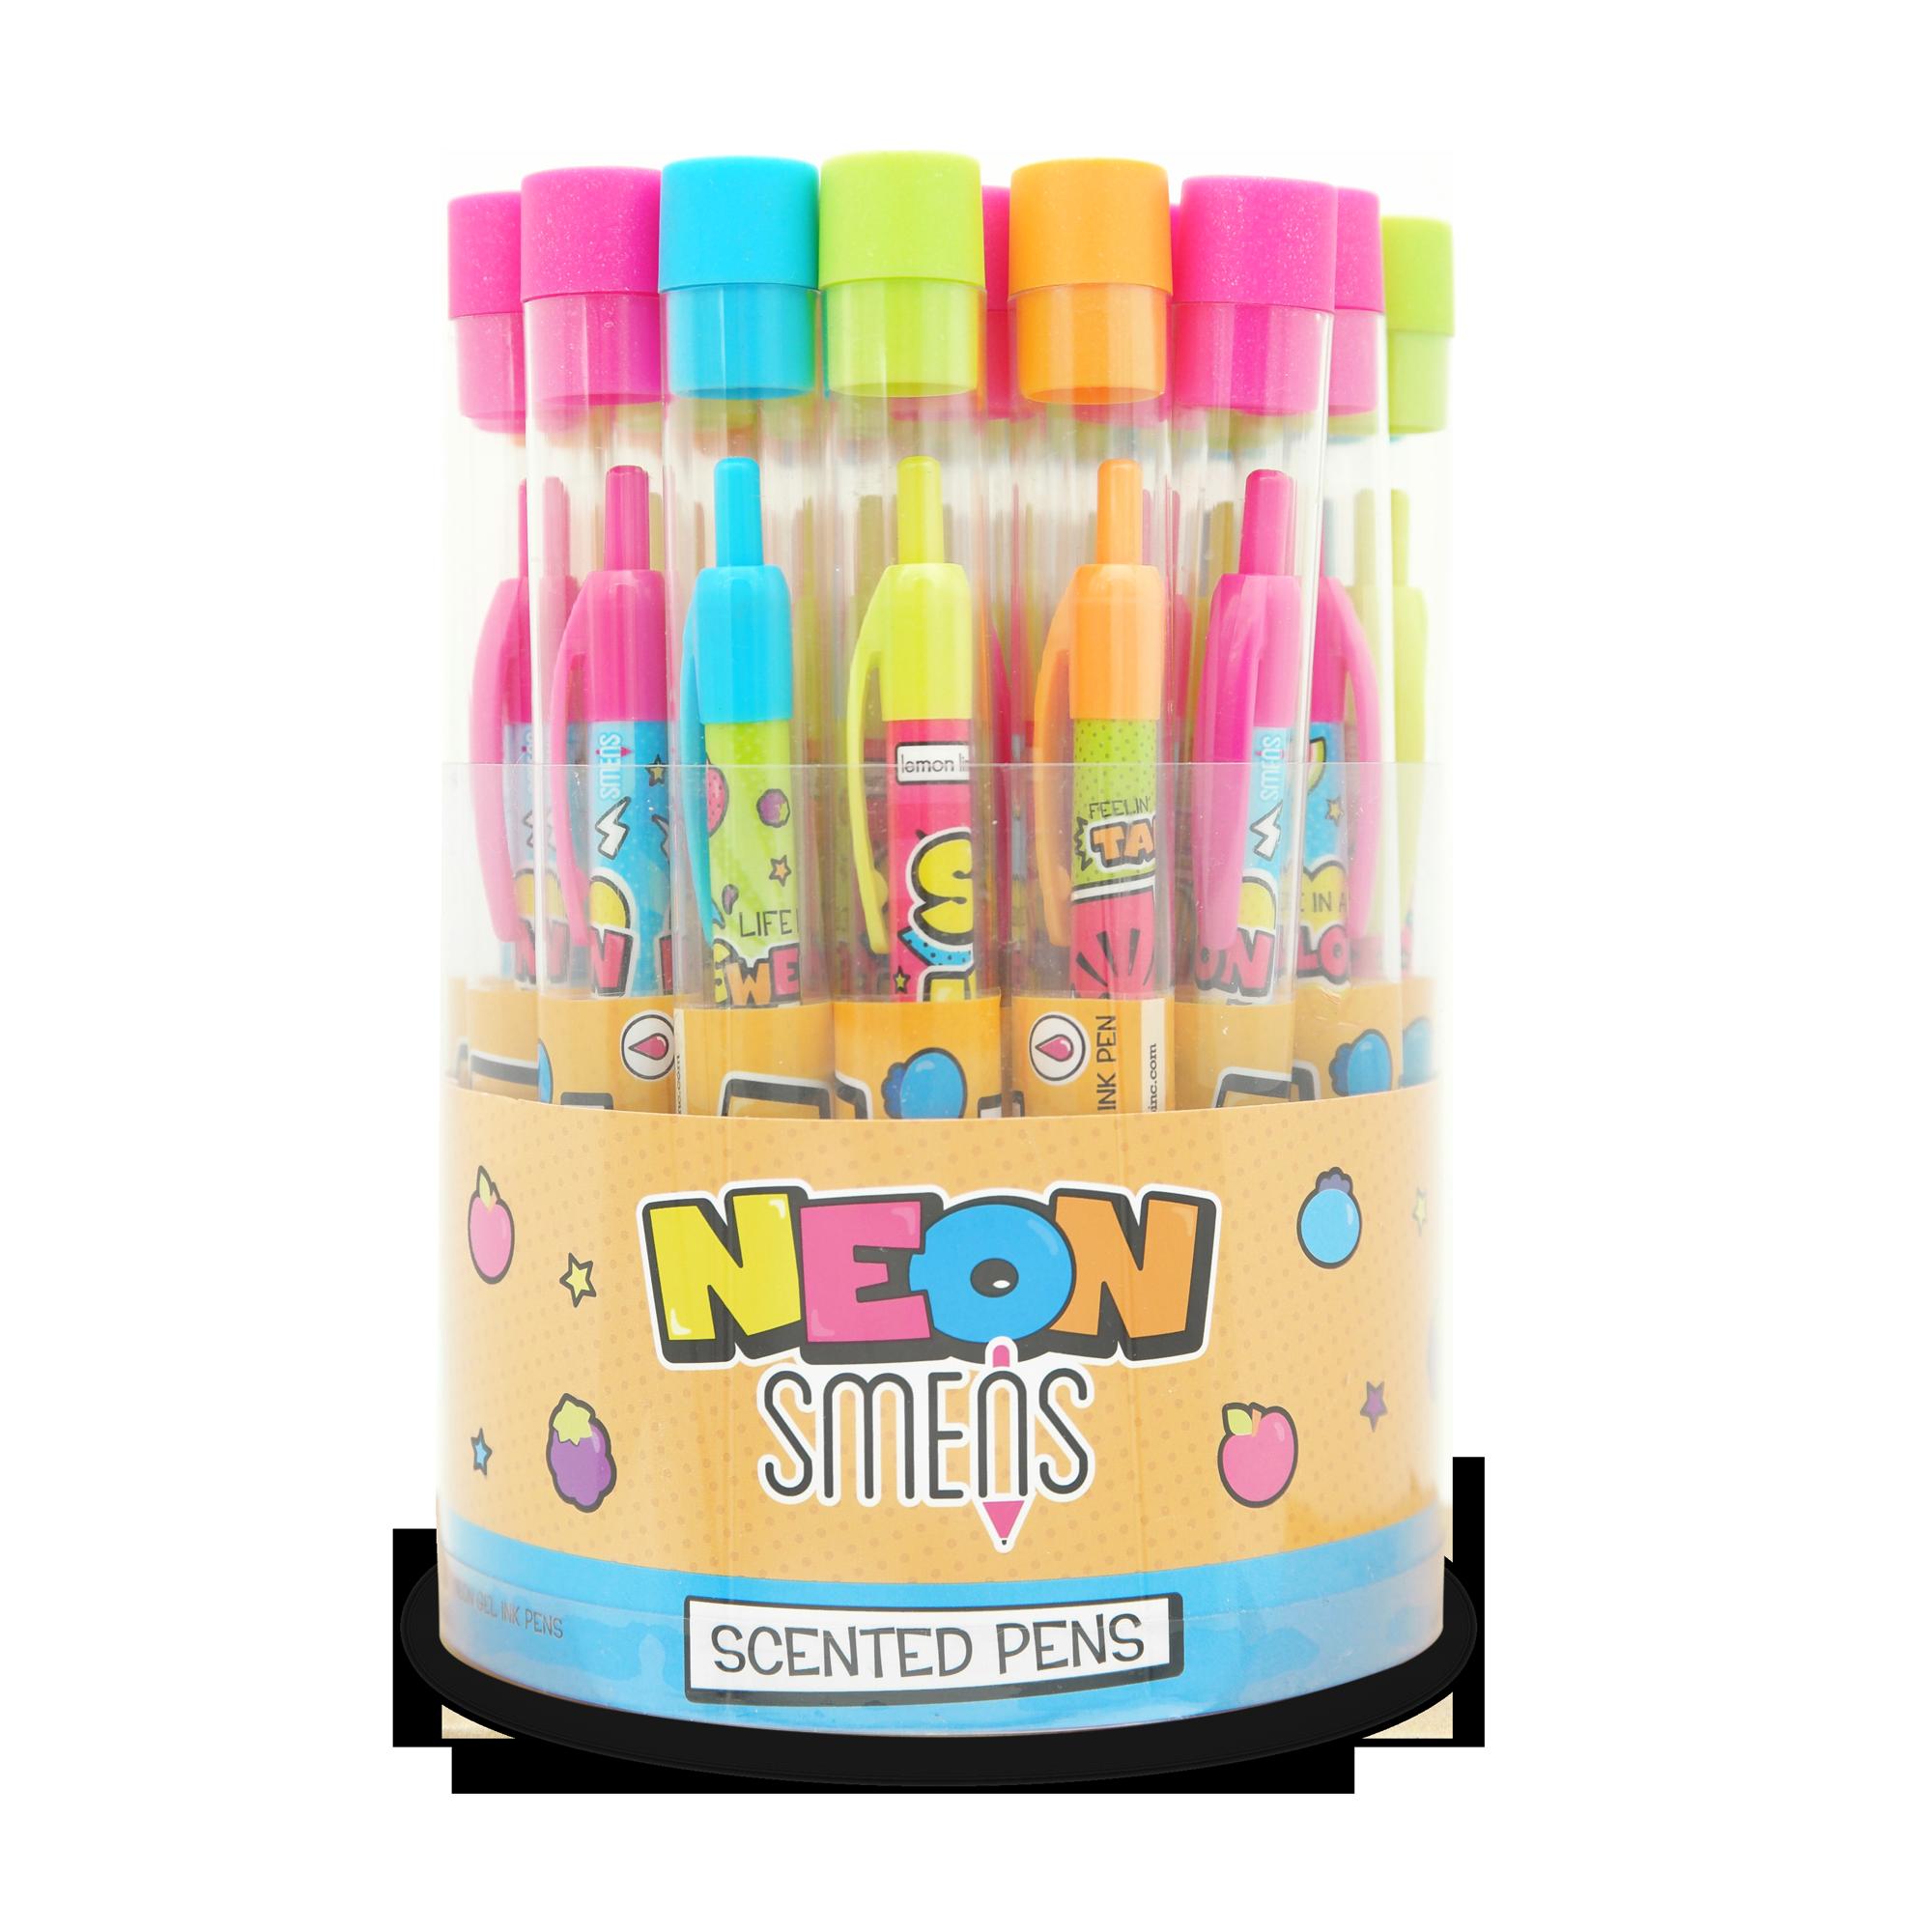 Neon_Smens_Cylinder